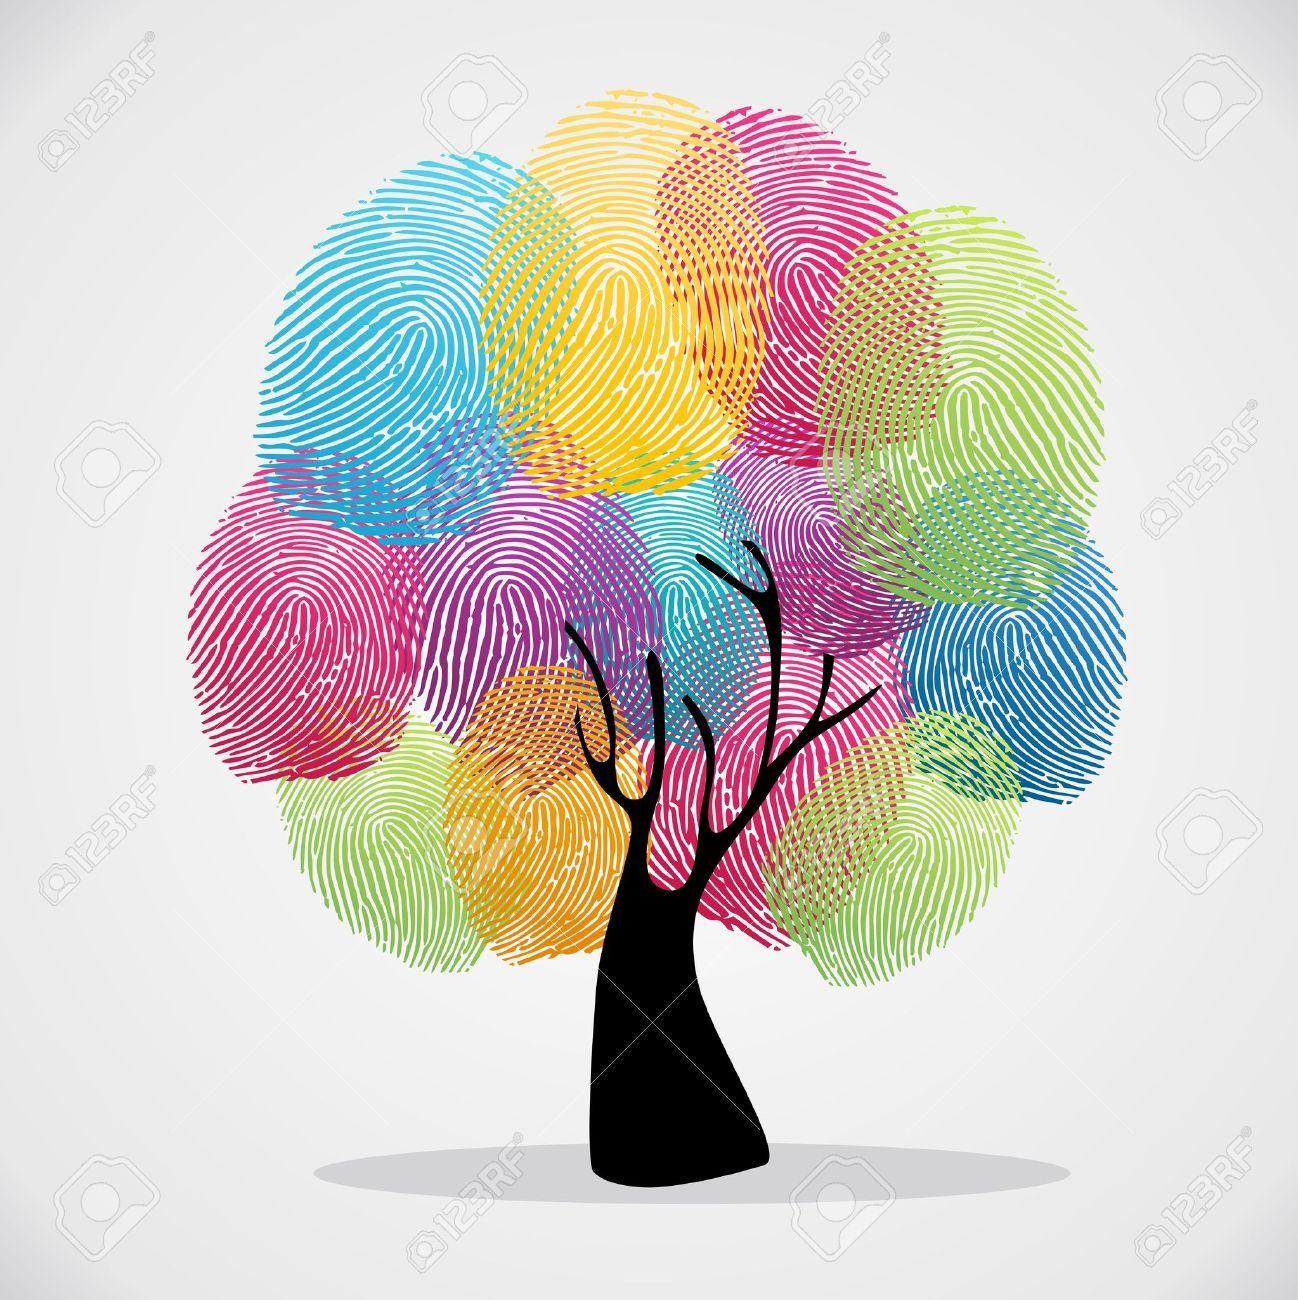 Diversity color tree finger prints illustration background set...